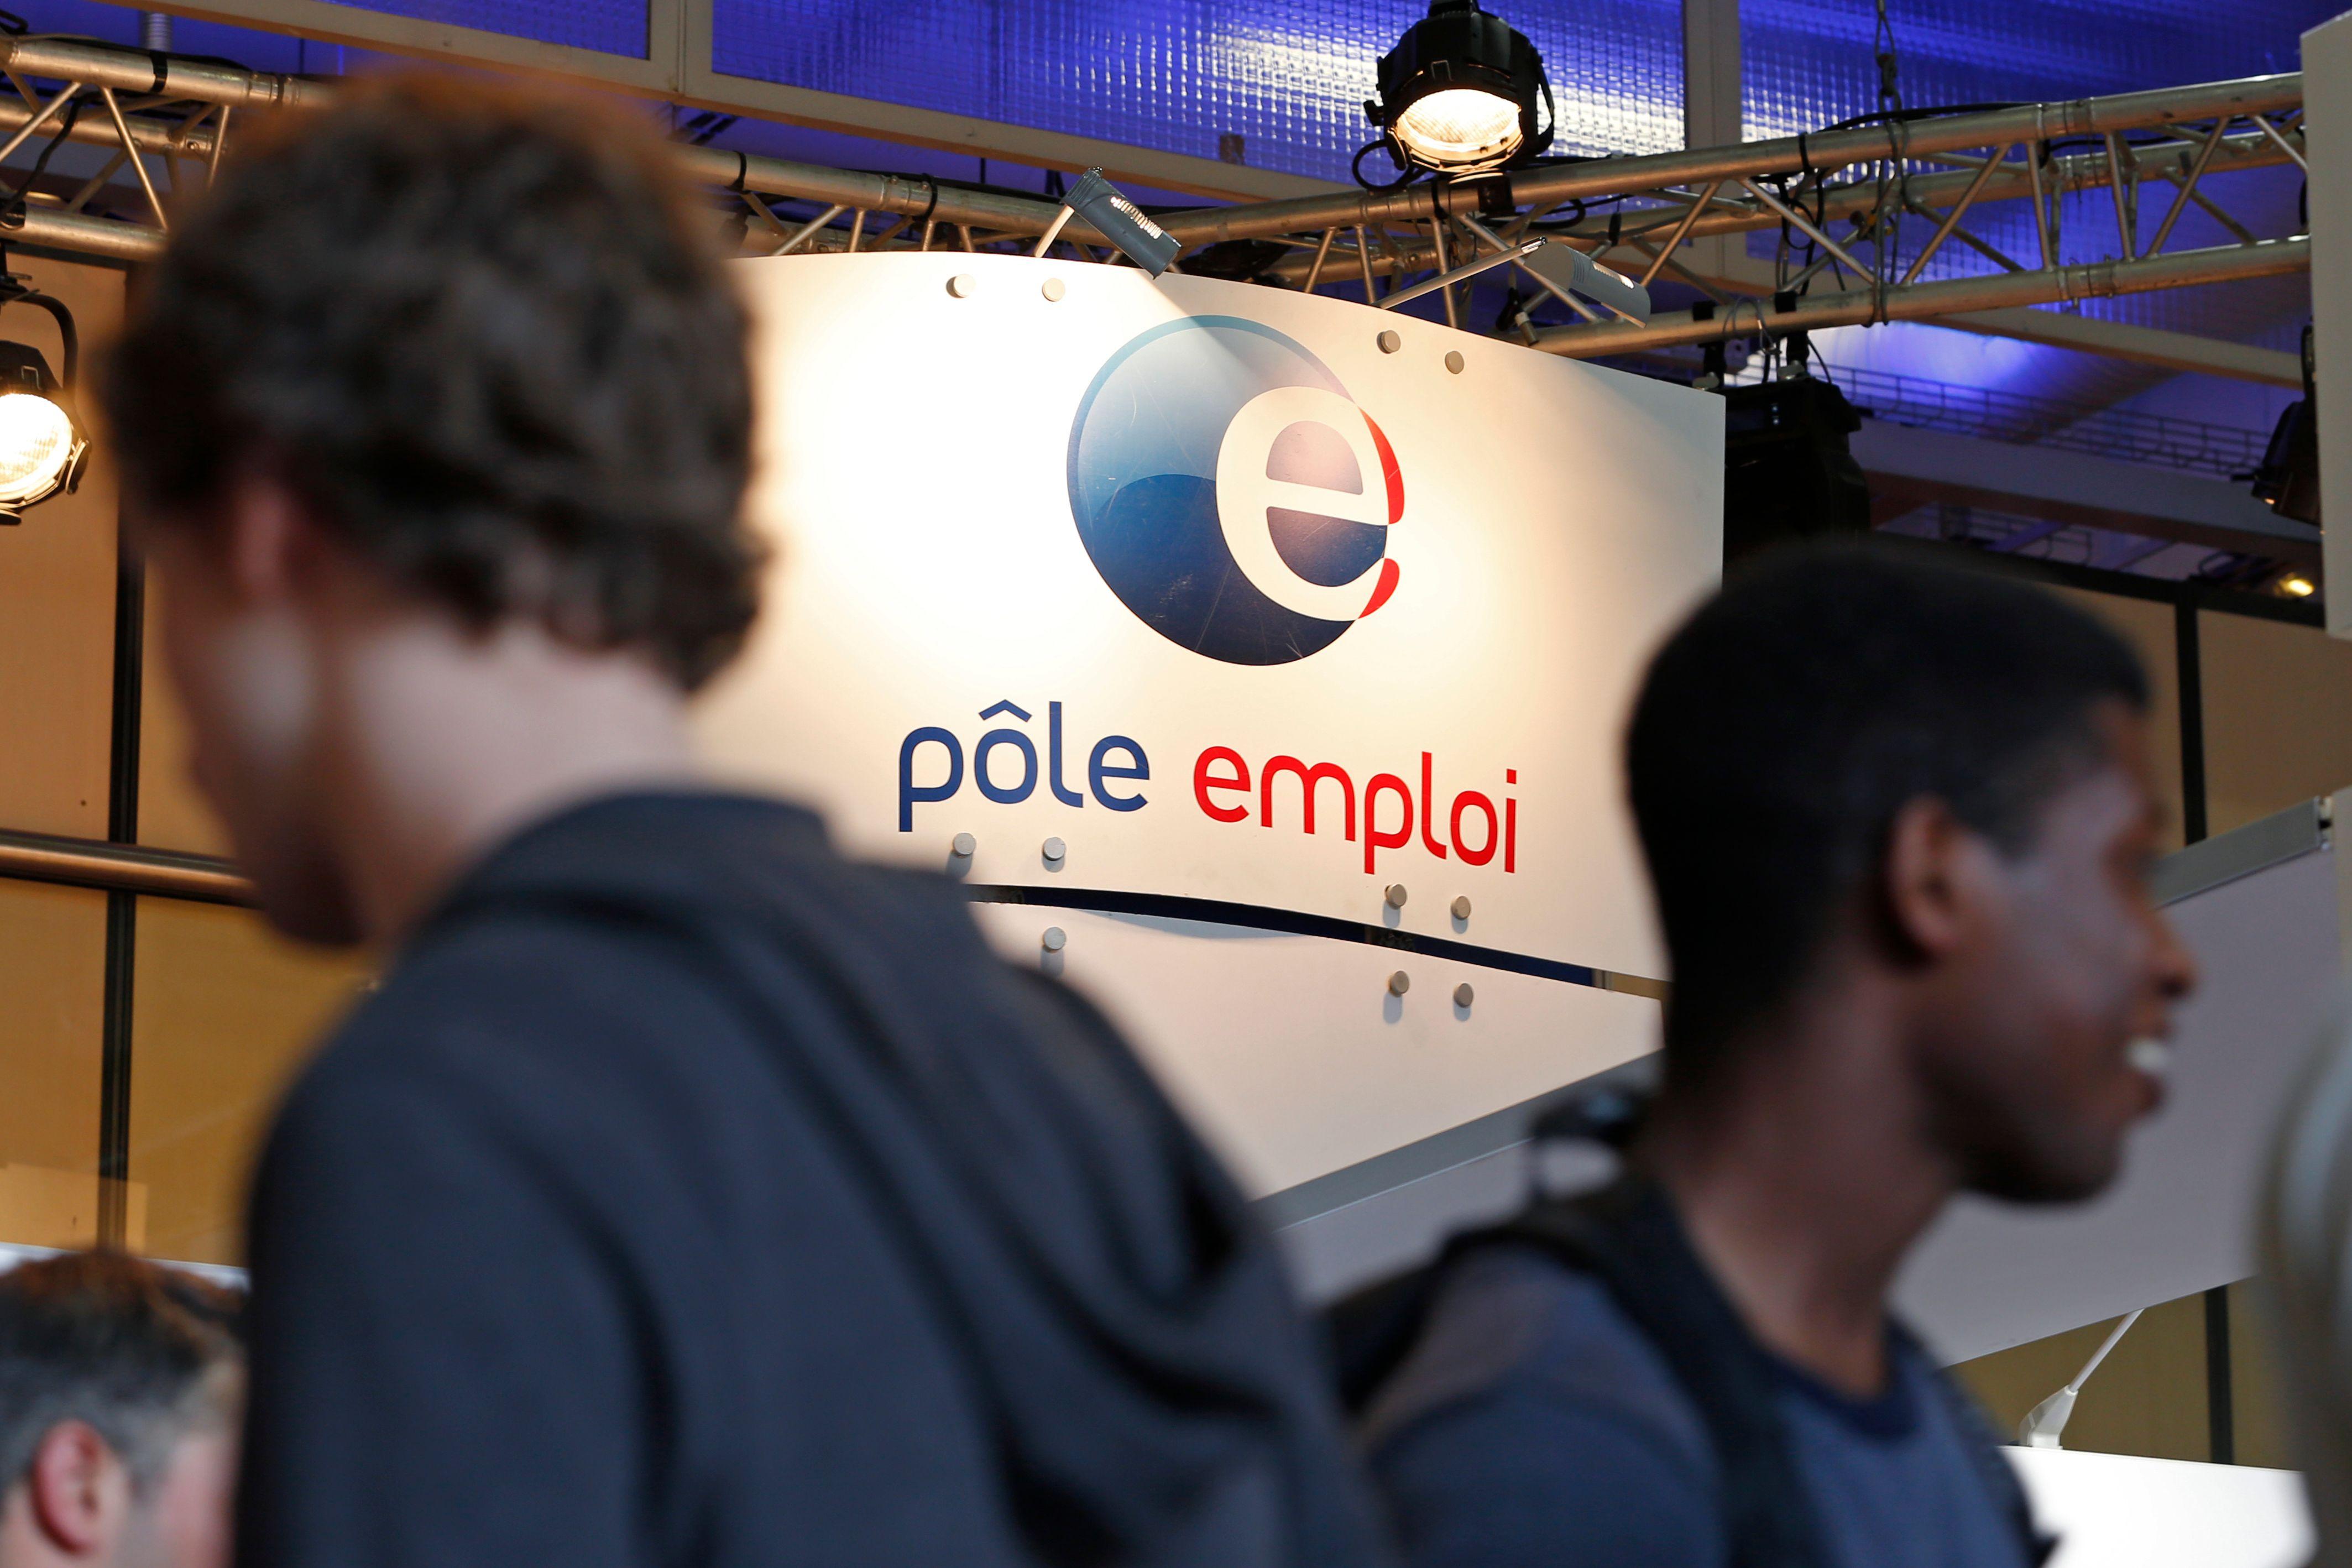 Contre le chômage, on a tout essayé ? Pourquoi la question de l'emploi est toujours sujette au fatalisme et à la contrition